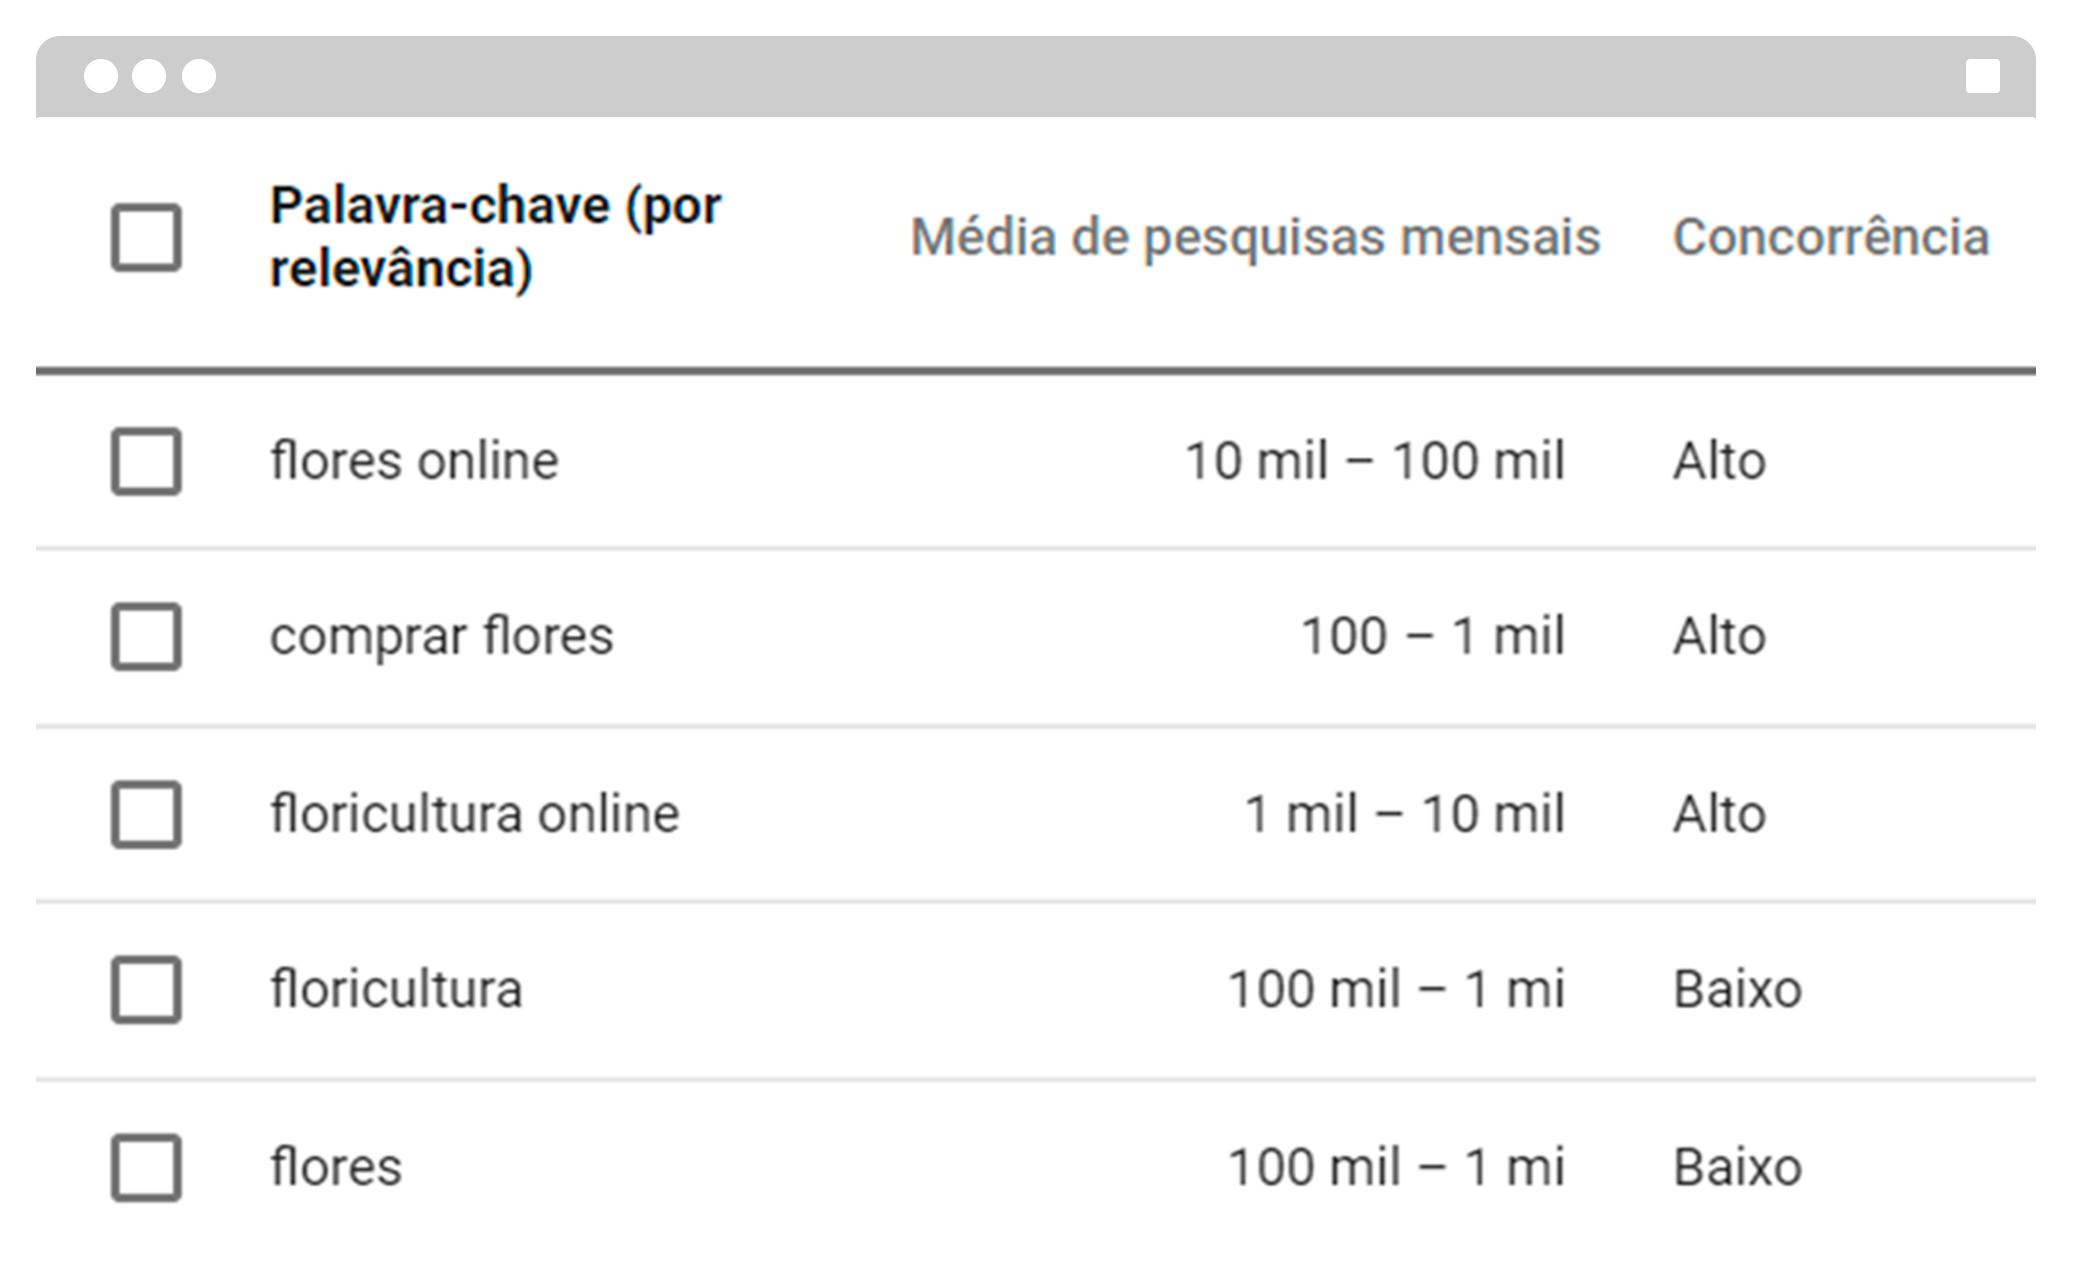 323d66310ae Seria incrível se você conseguisse criar o endereço floresonline.com.br  (que por coincidência já existe)